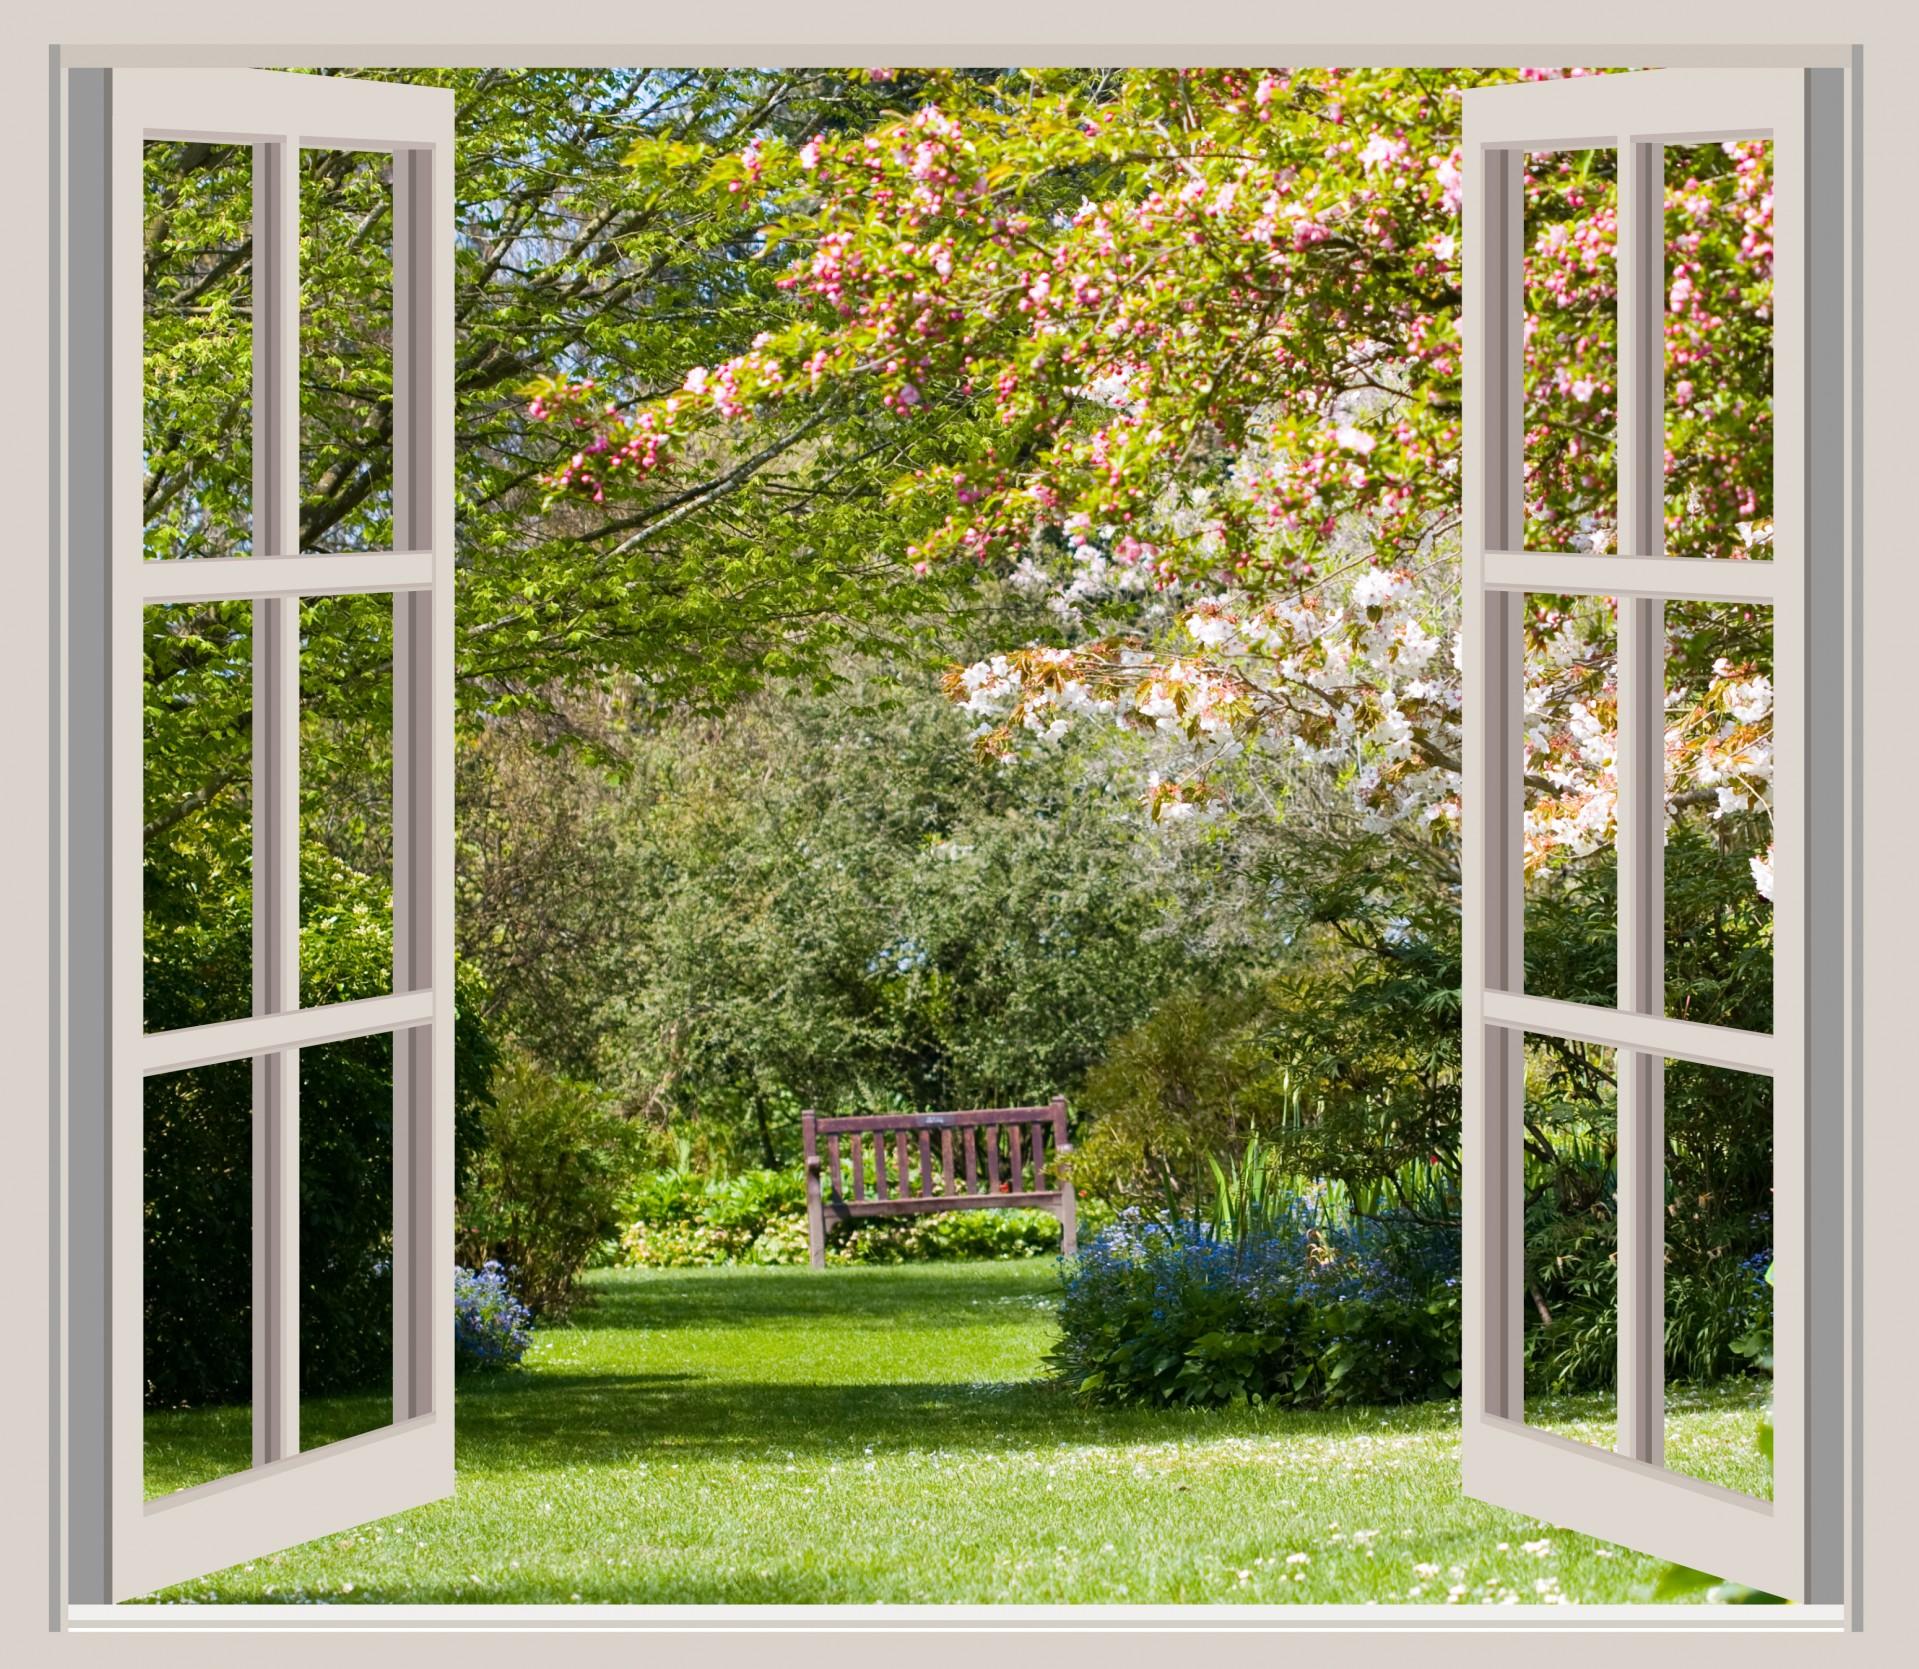 Spring Garden Window Frame View Free Stock Photo